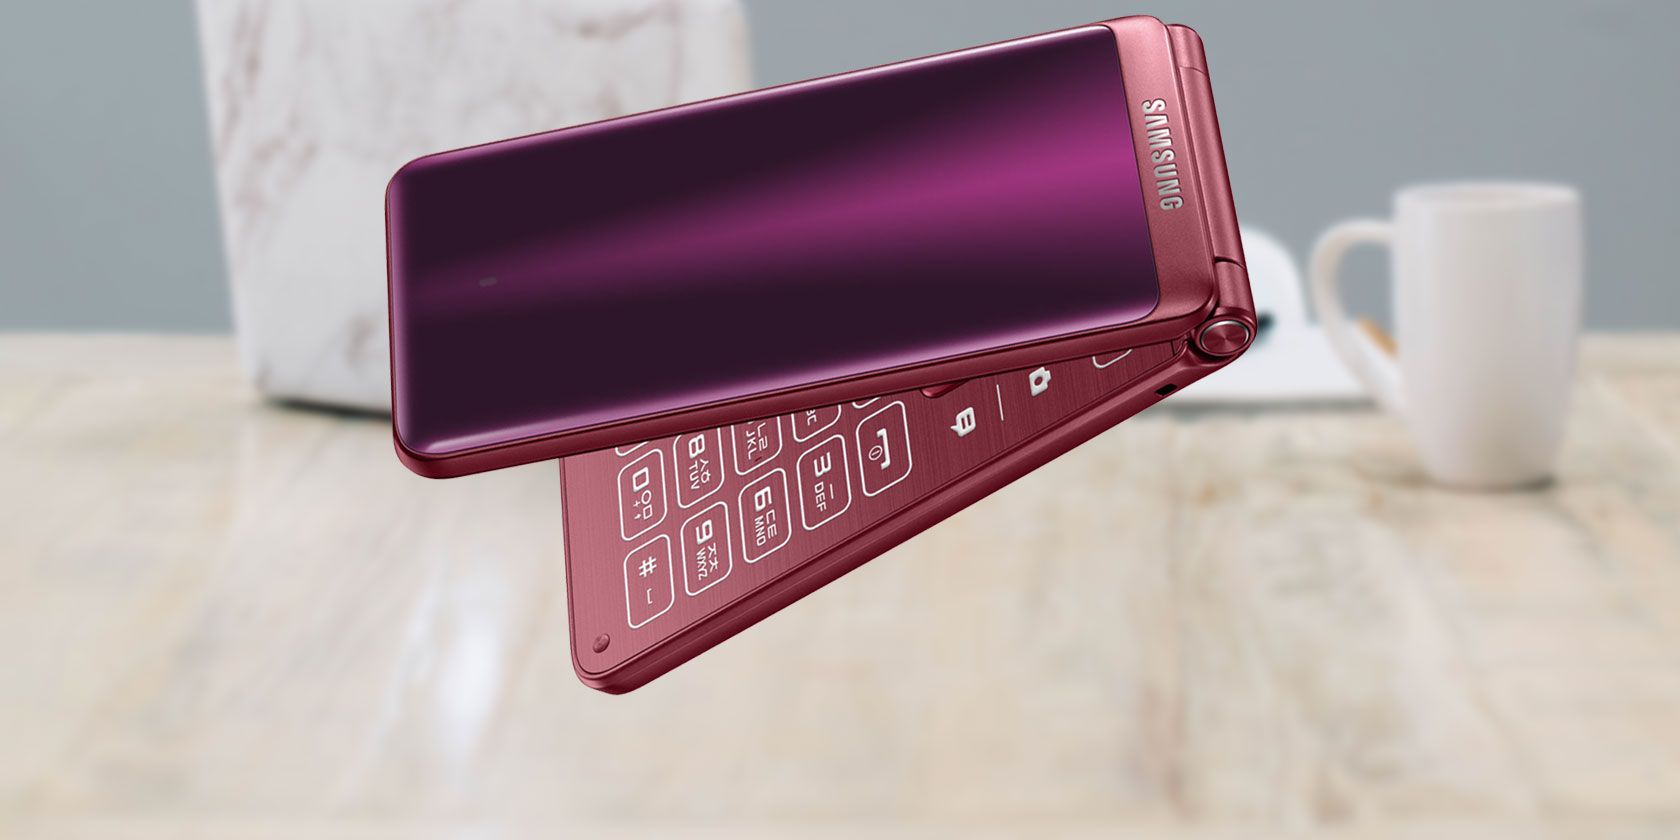 Best Flip Phone 2020.The 7 Best Flip Phones For Ending Distractions 2020 Online